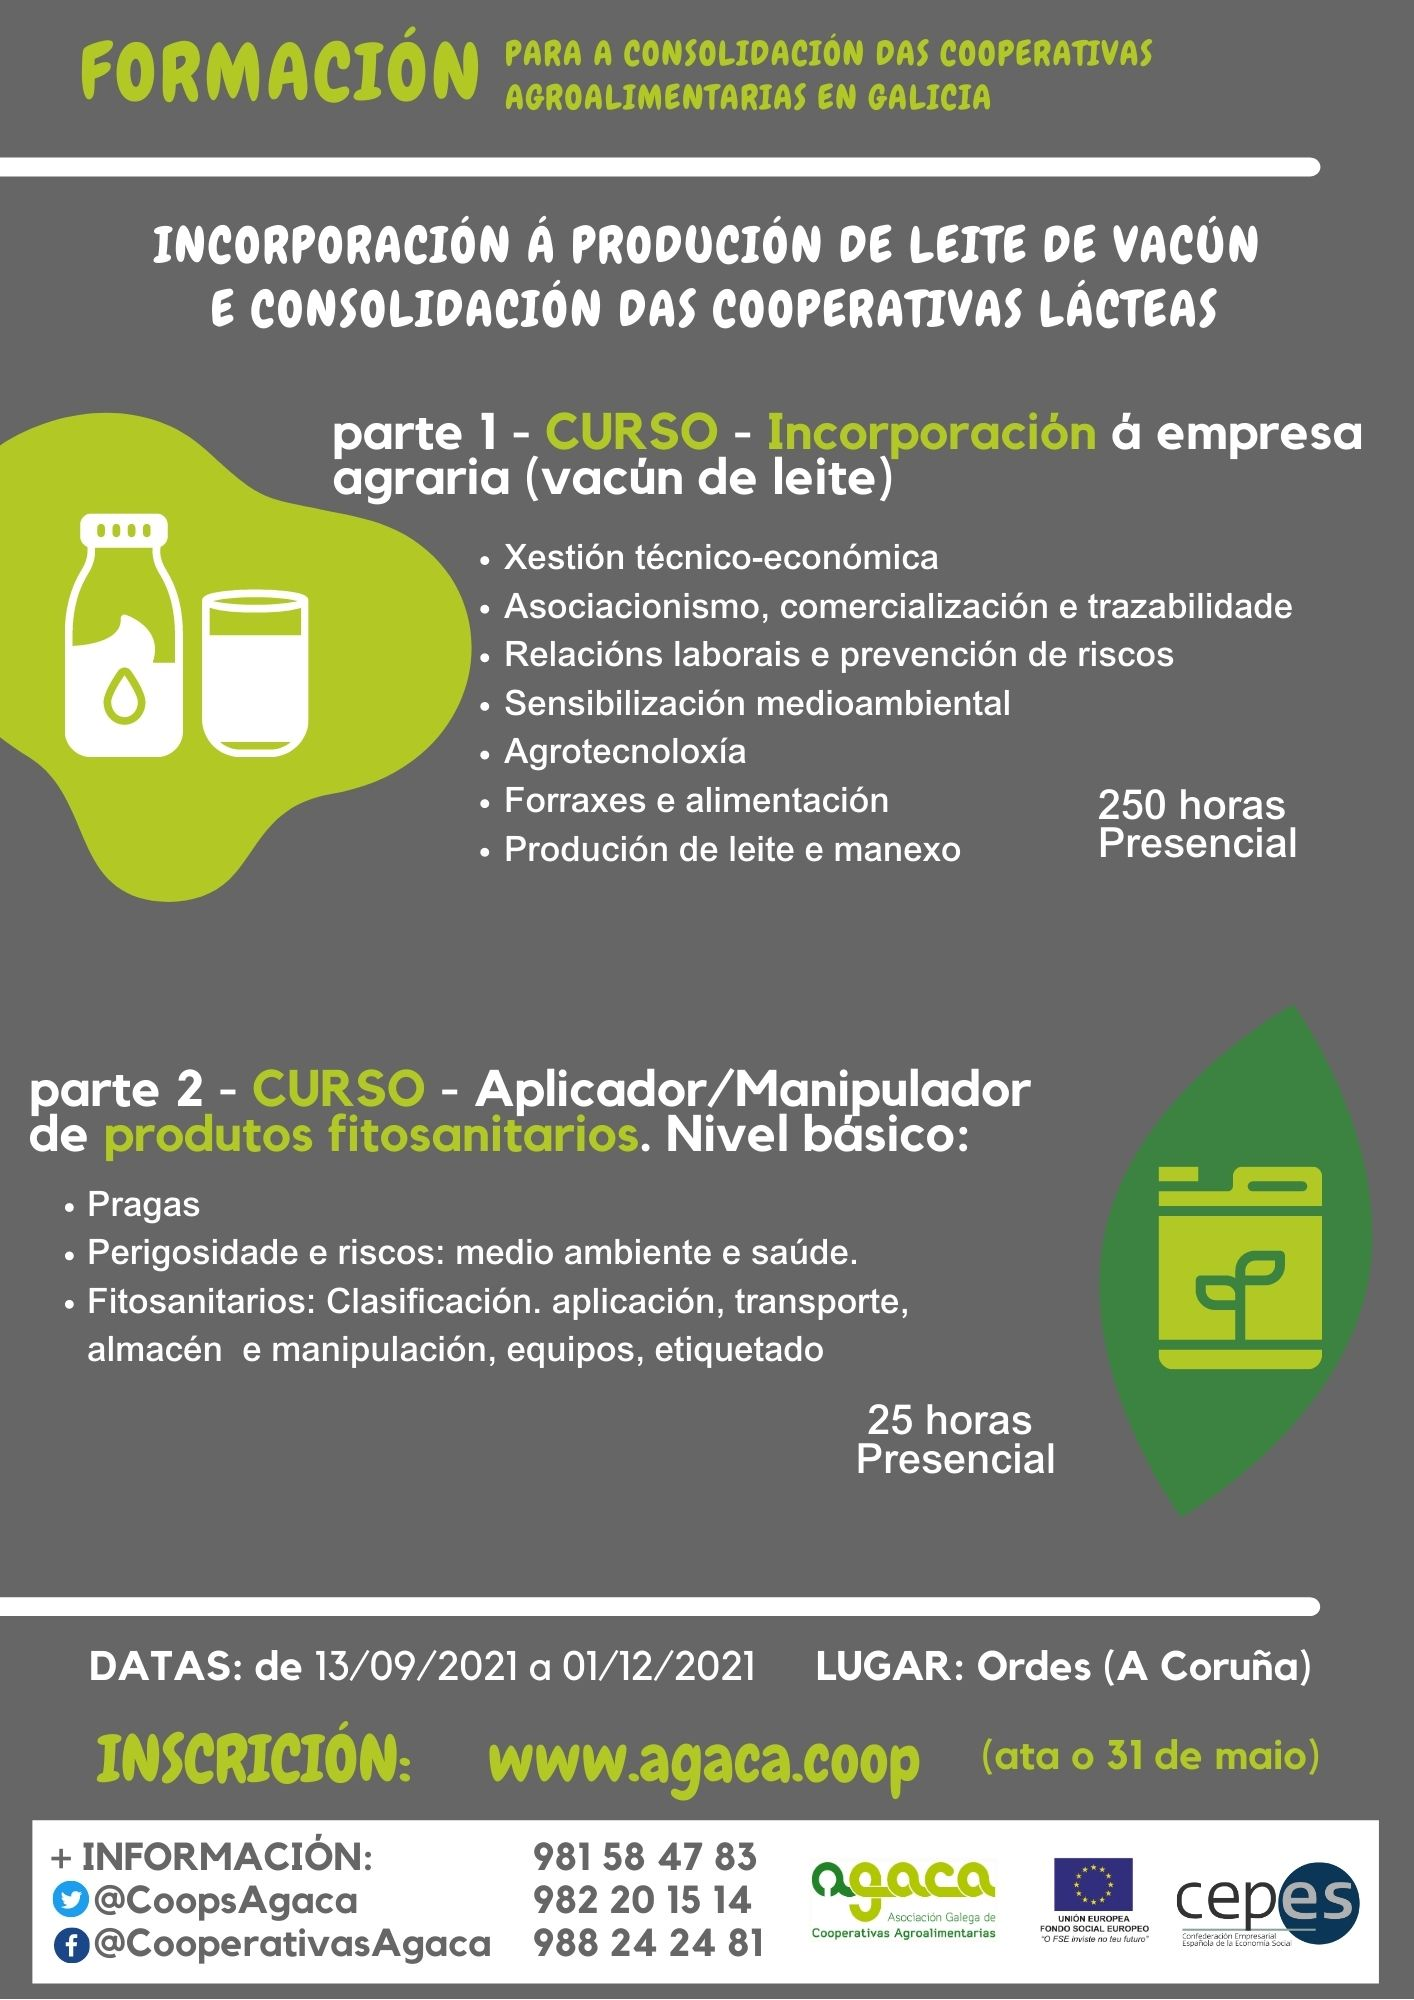 — INSCRIPCIÓN: Incorporación a la producción de leche de vacuno. El plazo termina el 10 de julio.